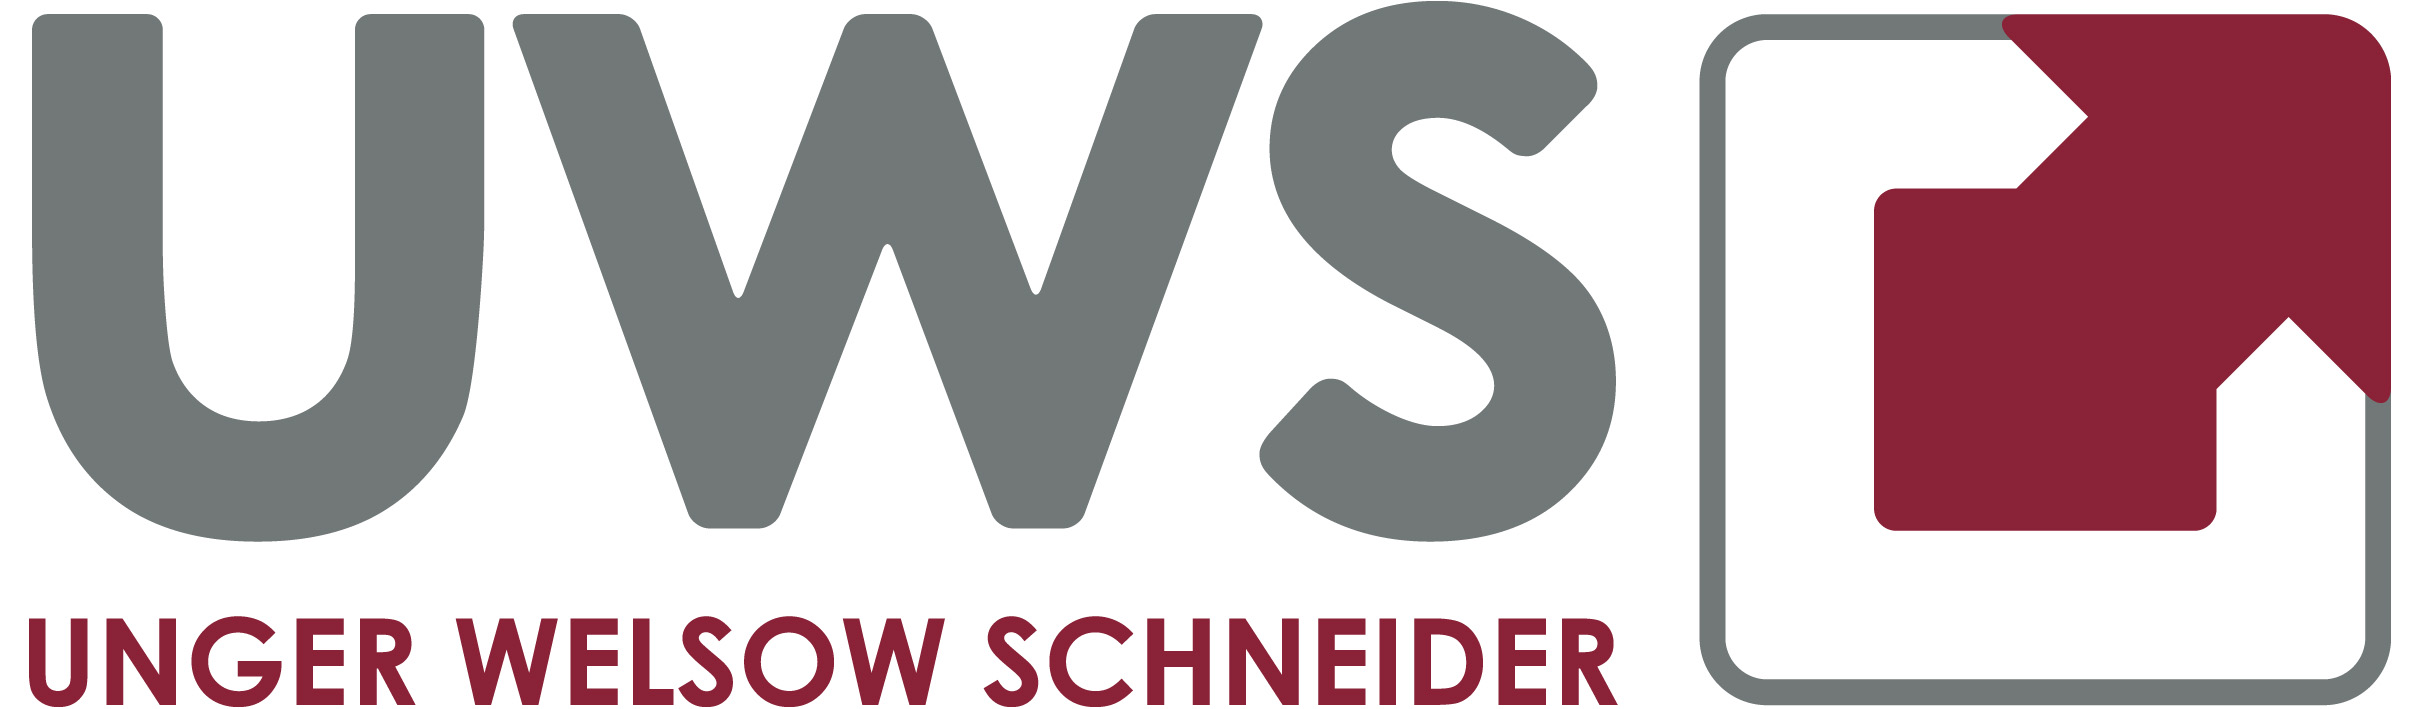 Unger Welsow Schneider